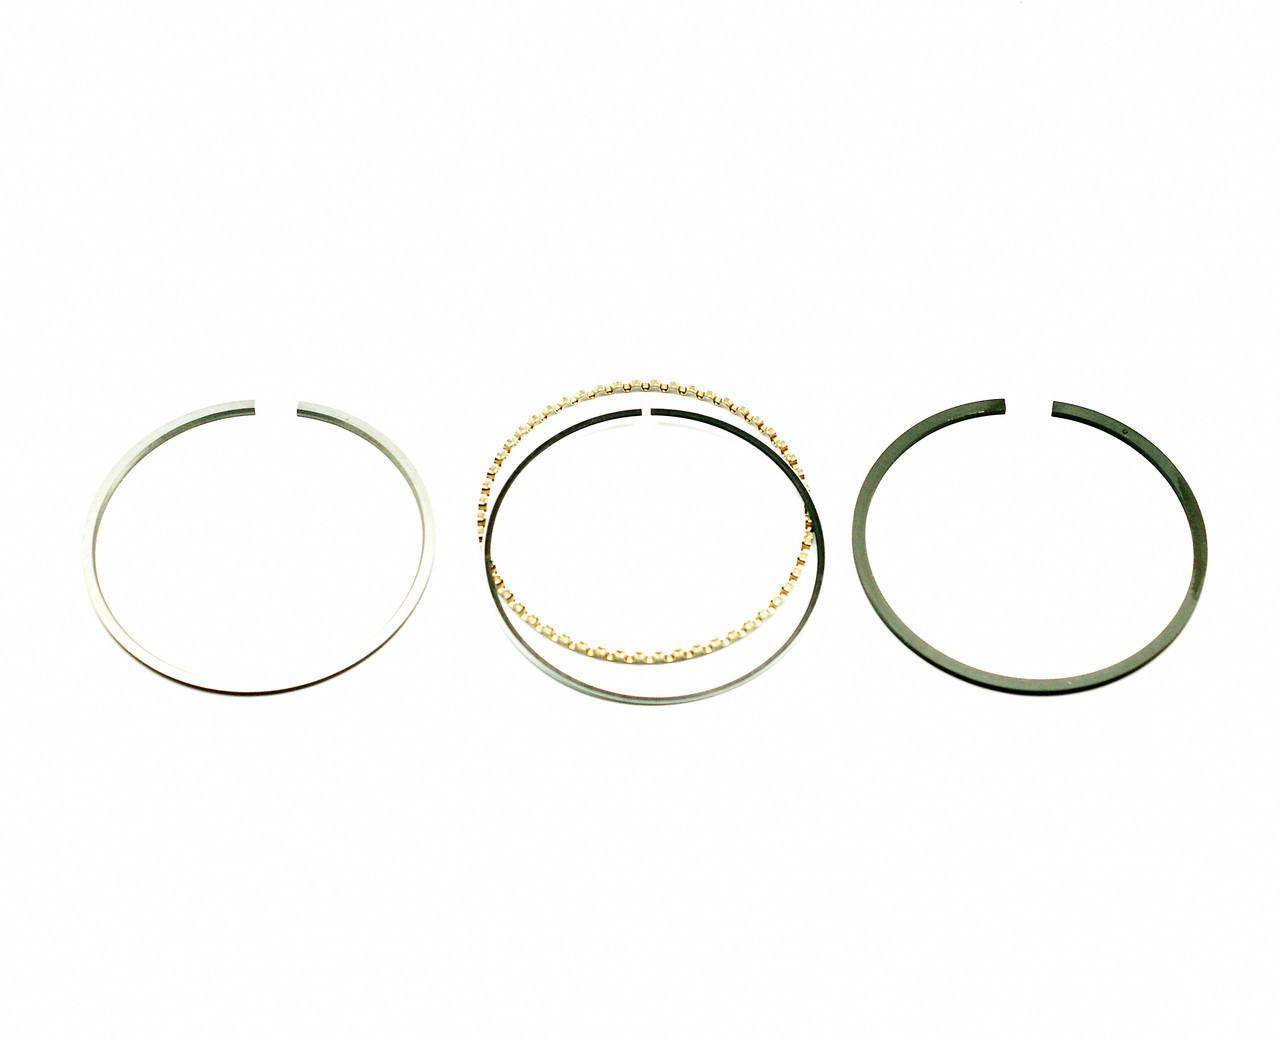 Кольца поршневые (к-т на поршень) Cummins C GAS PLUS  4025290 4089351 4089347 3607359 3930068